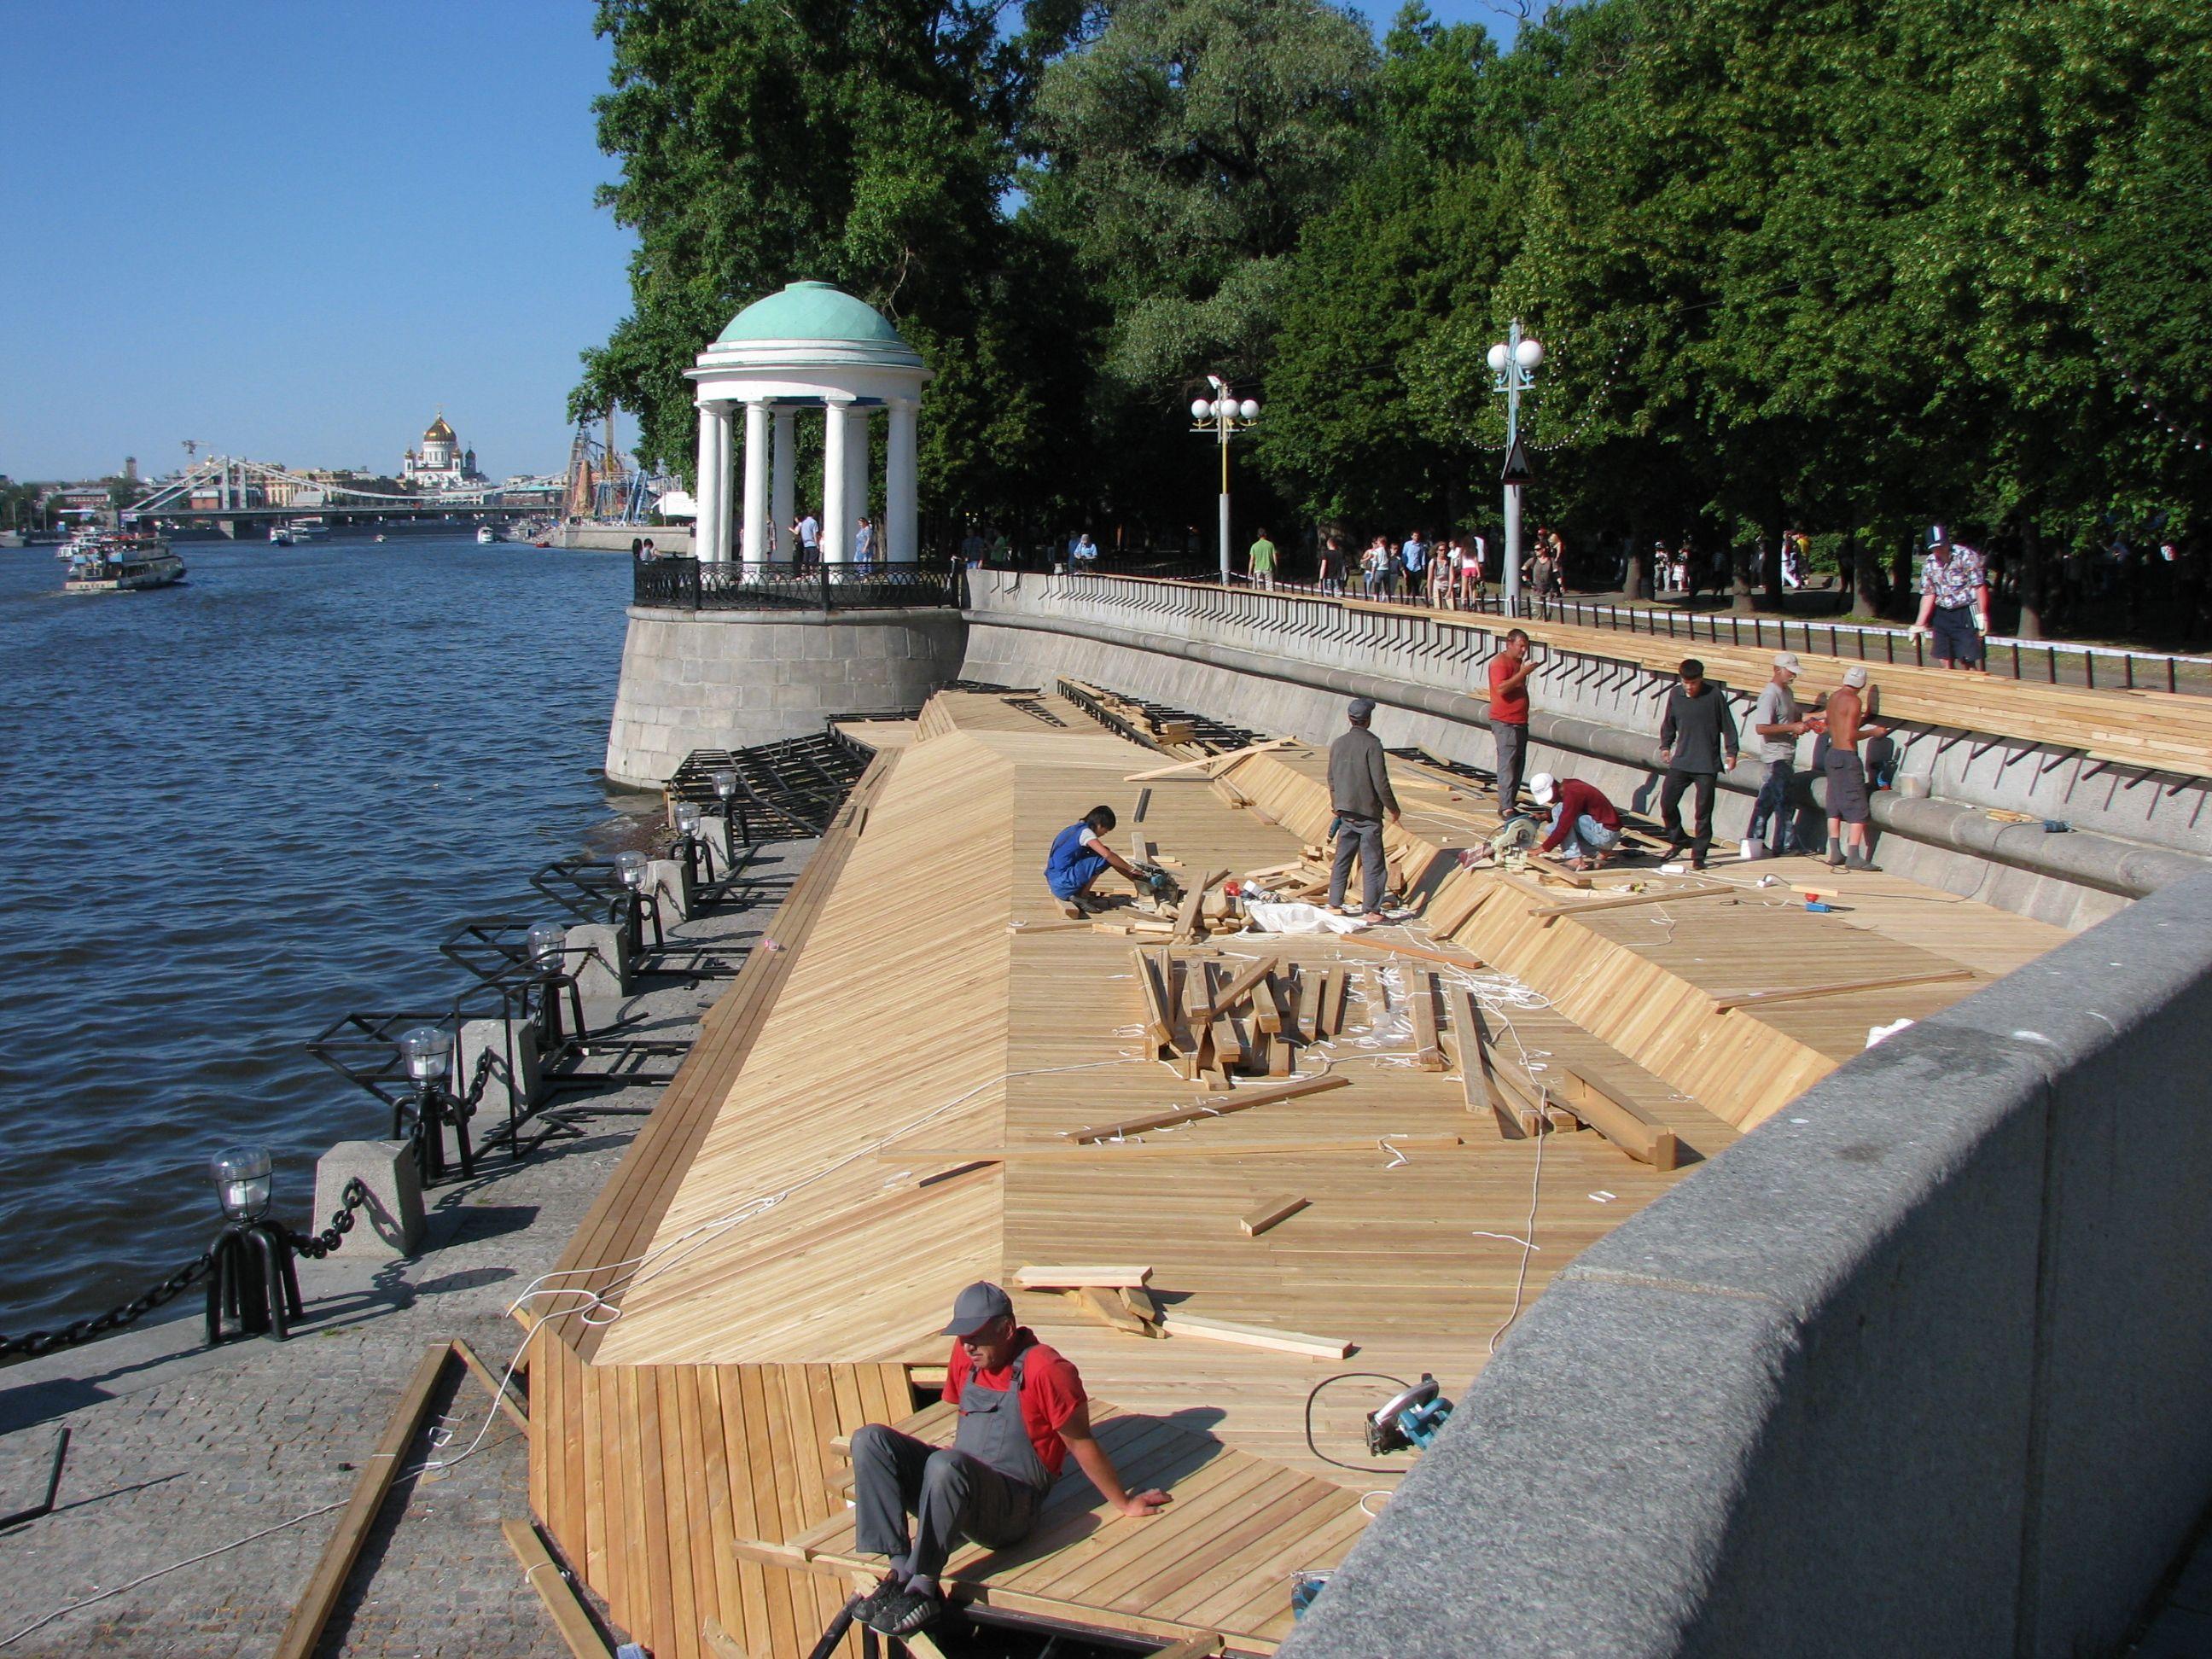 имеет фото парков на набережной реки москвы многих эти